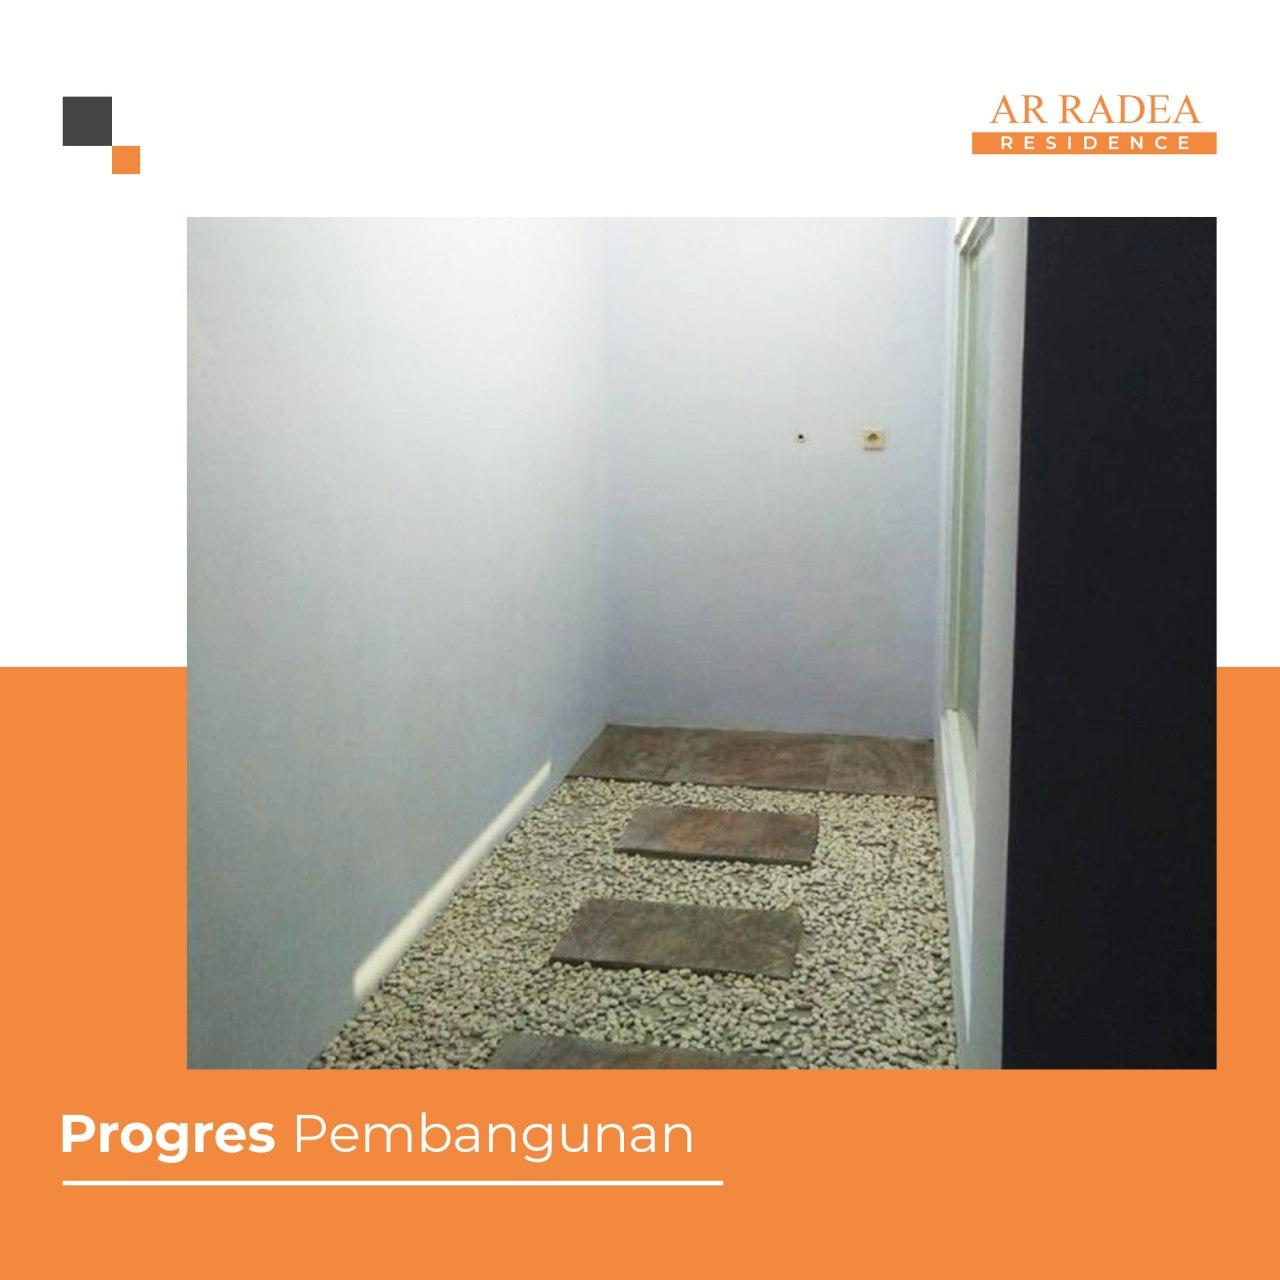 perumahan-syariah-bekasi-rumah-syariah-gambar-progress-pembangunan5-di-cibarusah-cikarang-bekasi-ar-radea-davproperty